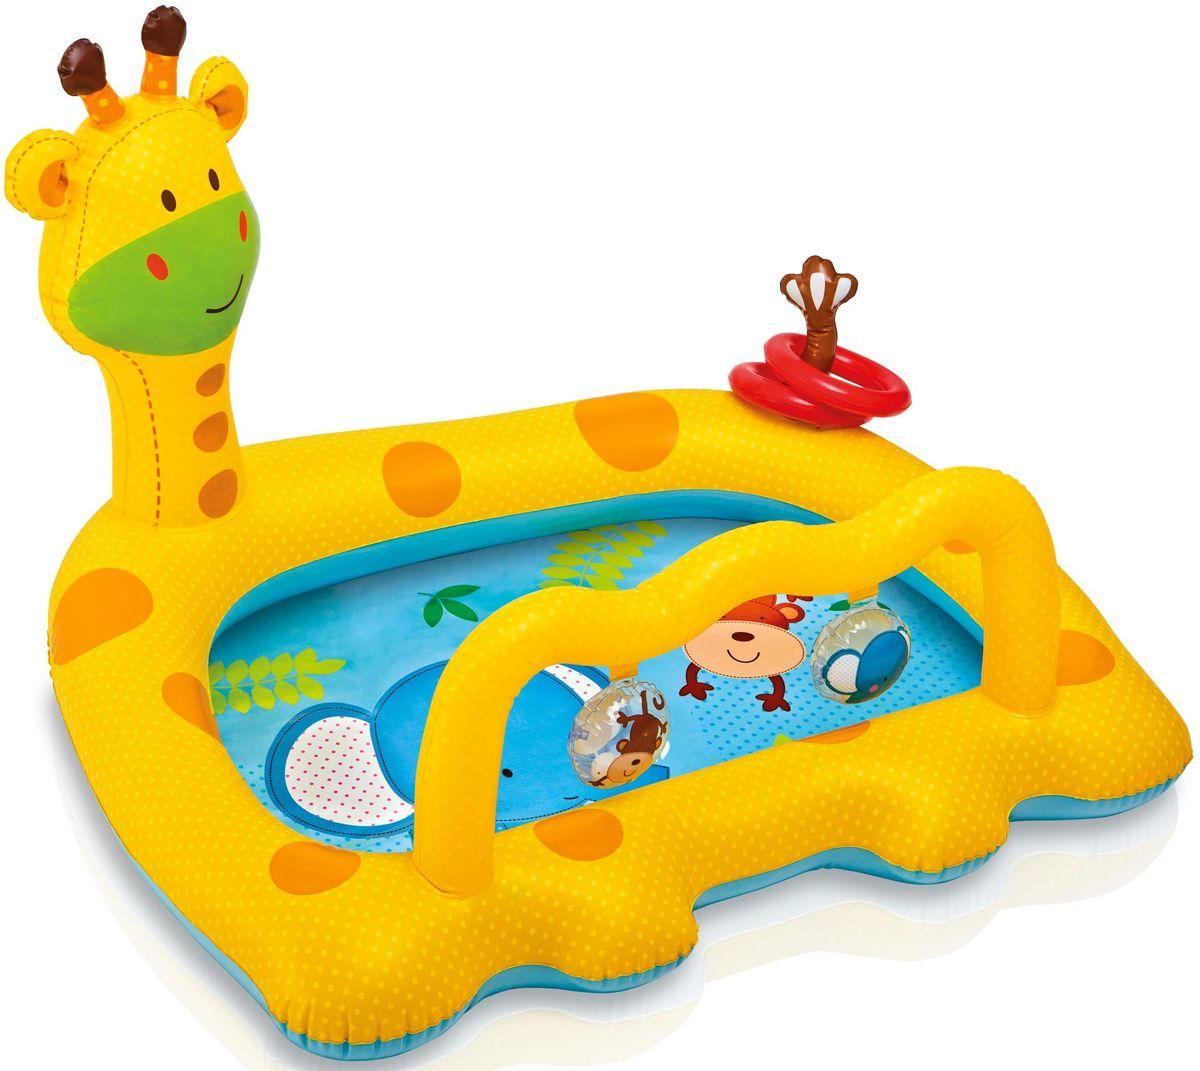 Надувной бассейн Intex Улыбающийся жираф, 112 х 91 х 72 см. с57105с57105надувной бассейн для детей улыбающийся жираф 112х91х72см